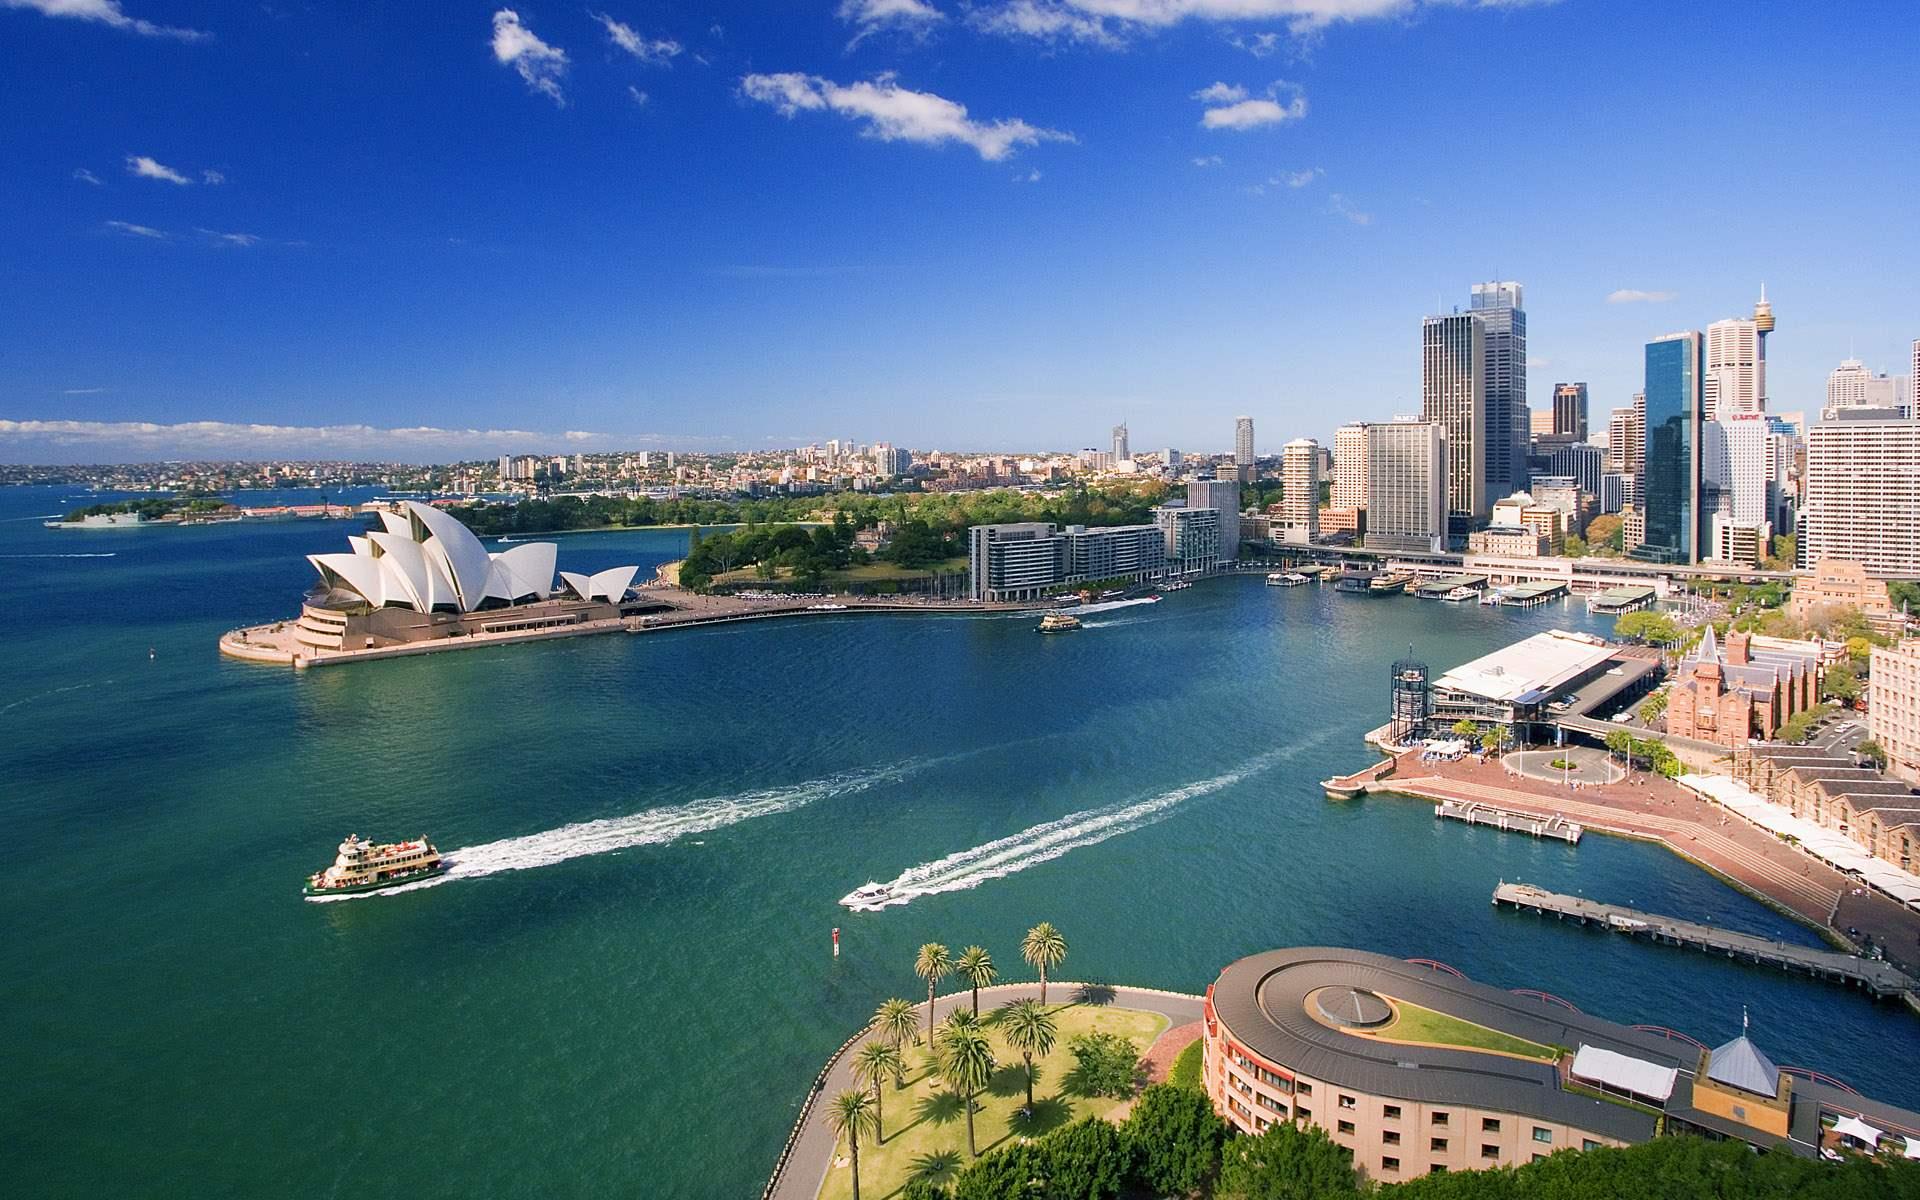 Отдых в Австралии перевернет Вашу жизнь. Австралийские аборигены говорят: